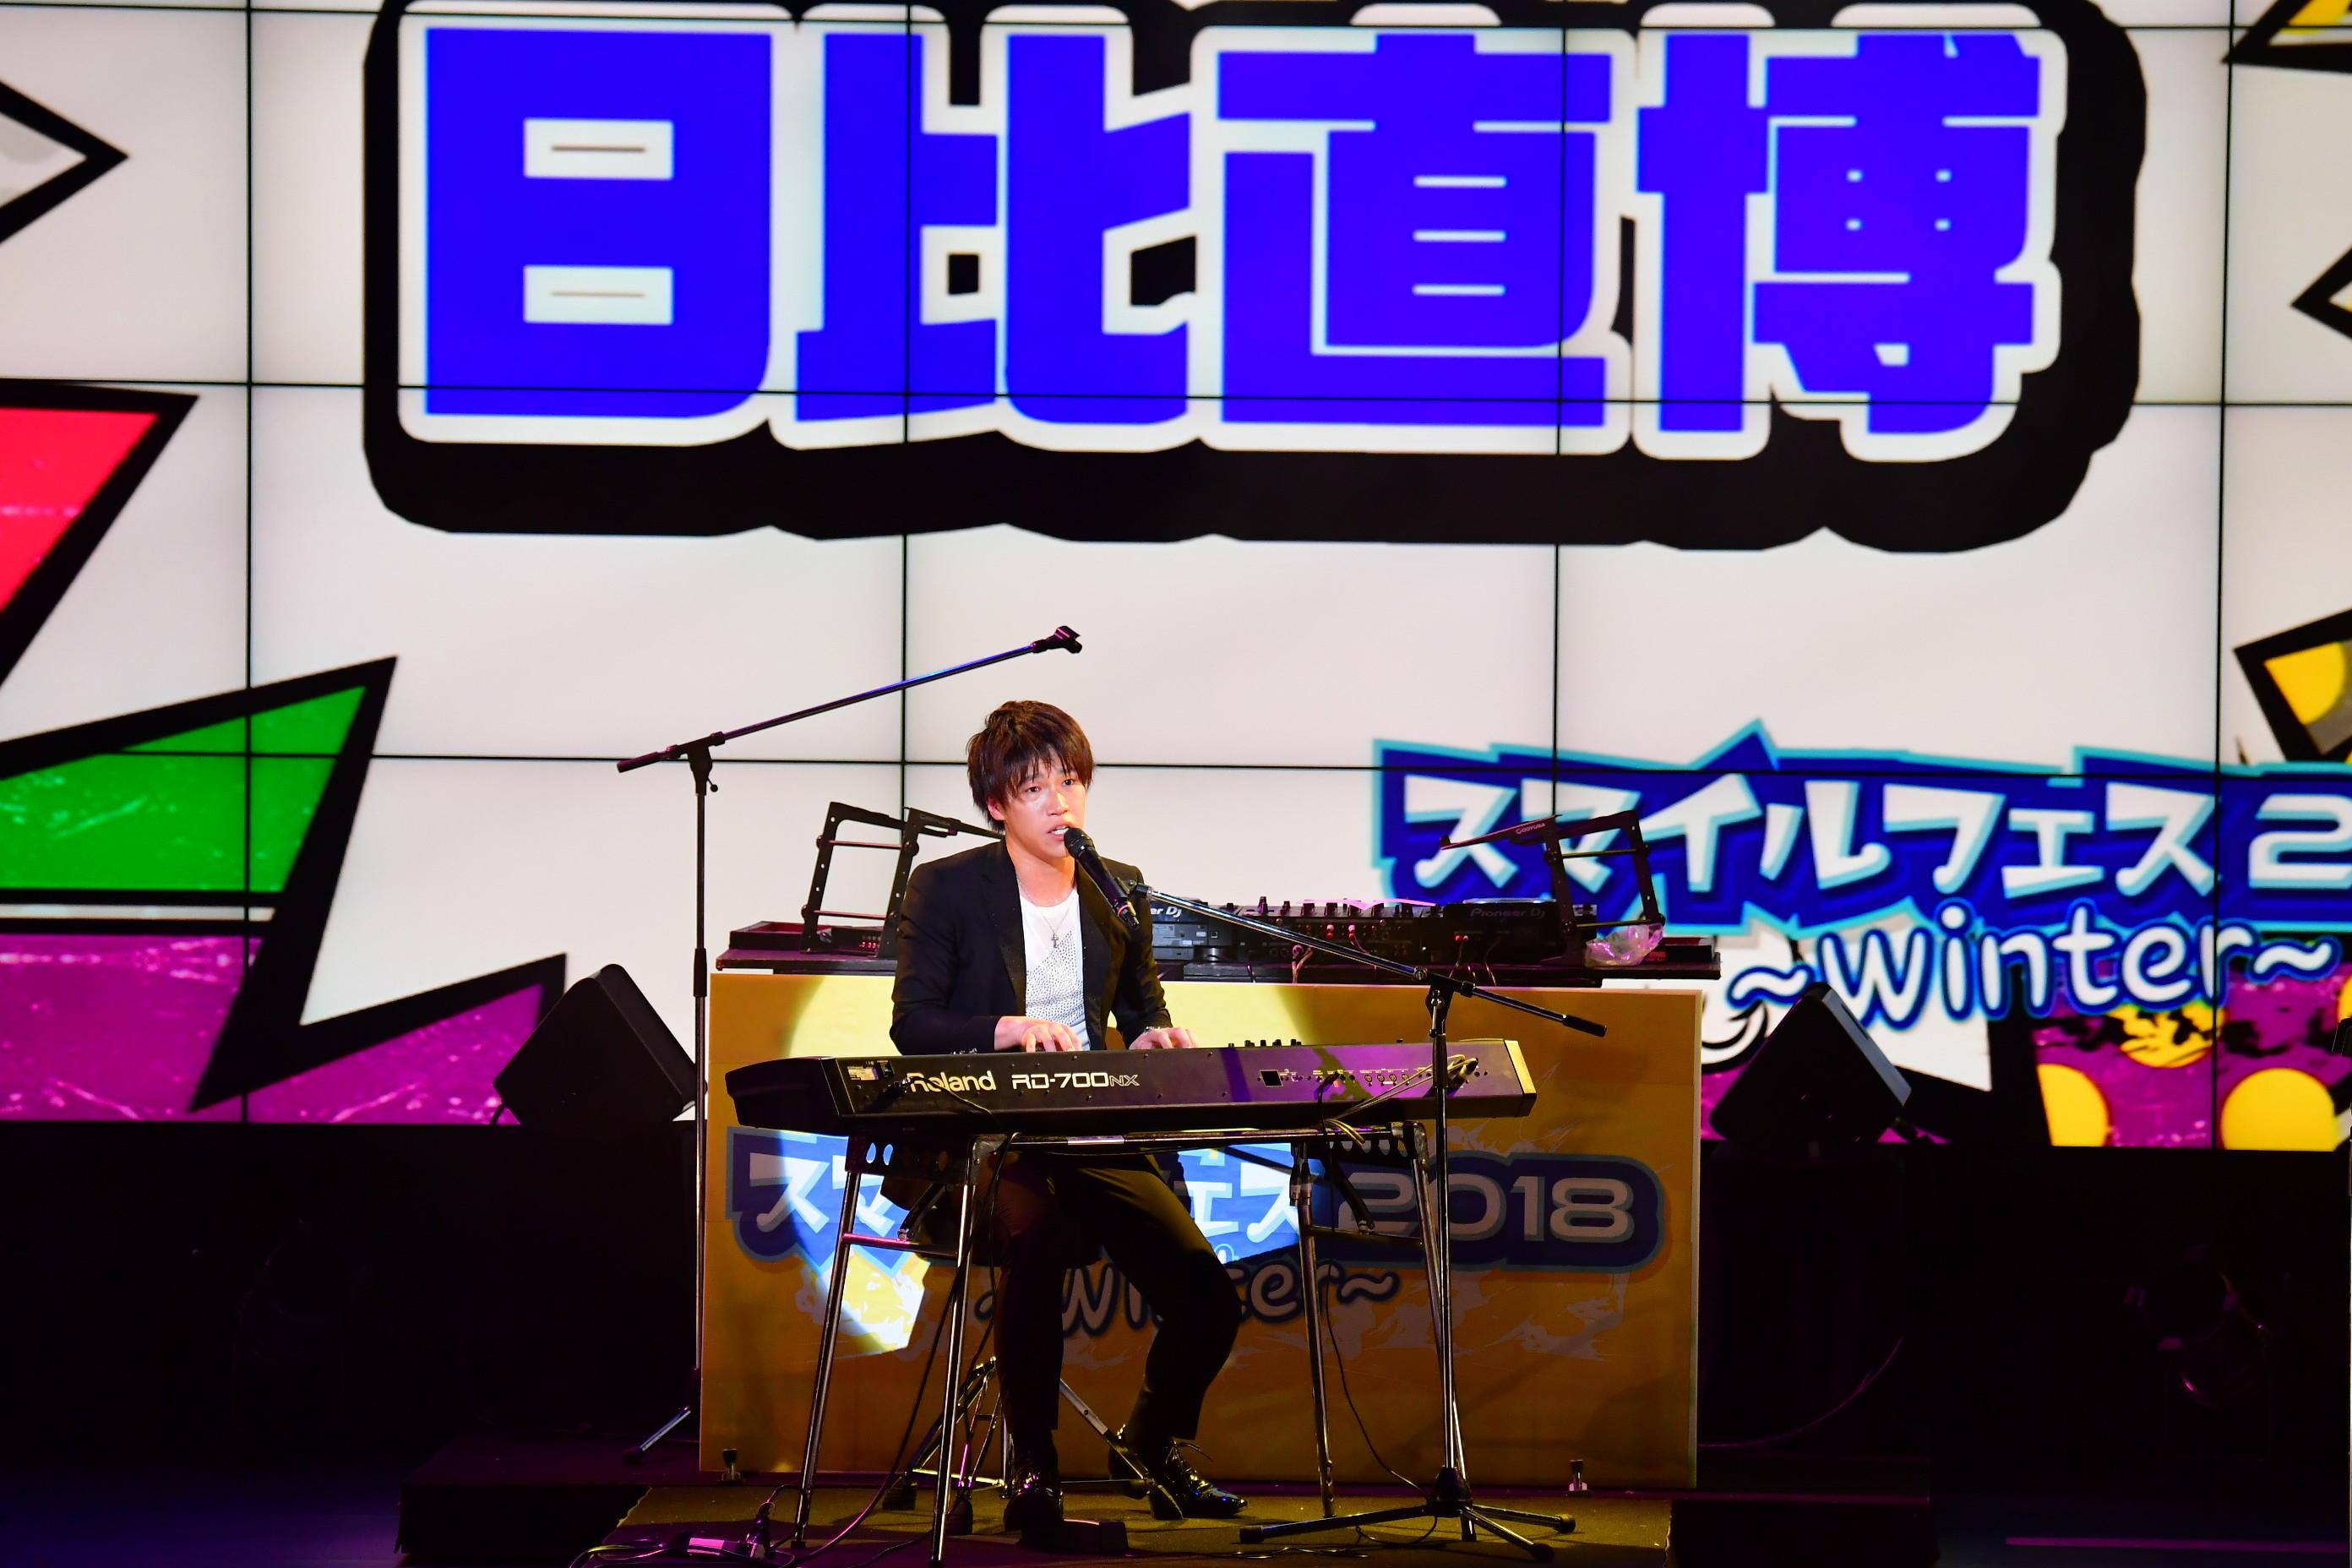 http://news.yoshimoto.co.jp/20180119012345-22dad55a612429d40fb2e0ef028a4fb7d09ddbe2.jpg